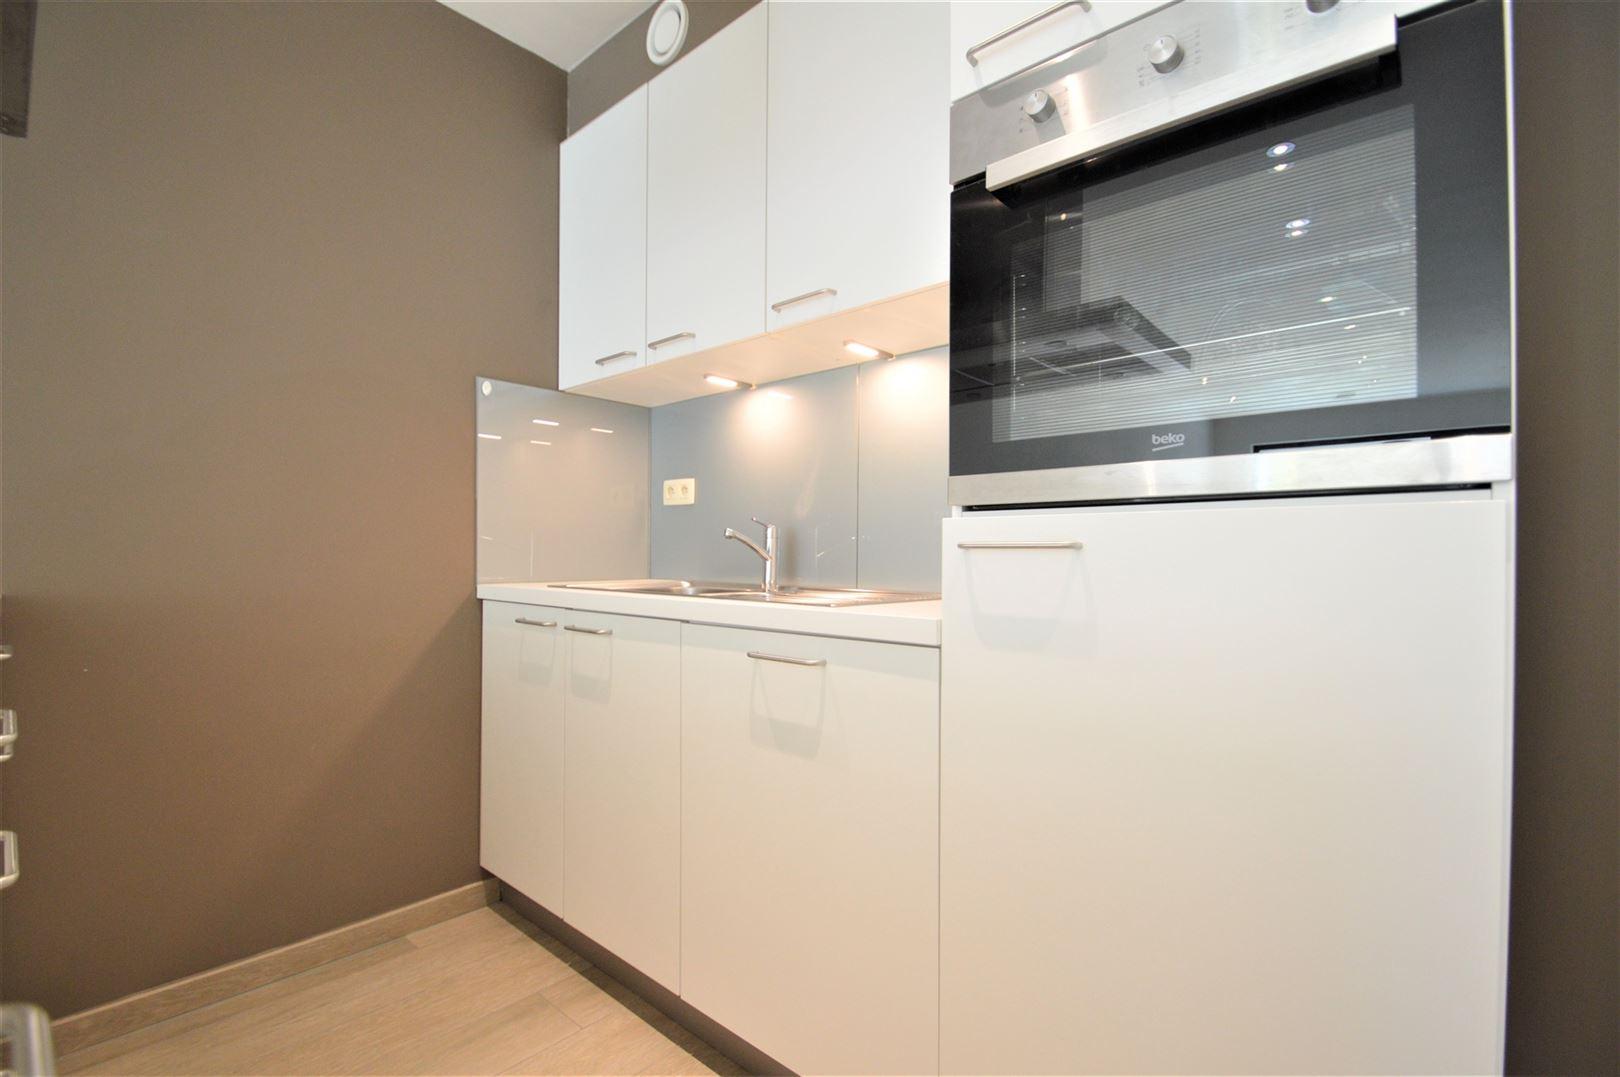 Foto 5 : Appartement te 9200 SINT-GILLIS-BIJ-DENDERMONDE (België) - Prijs € 775